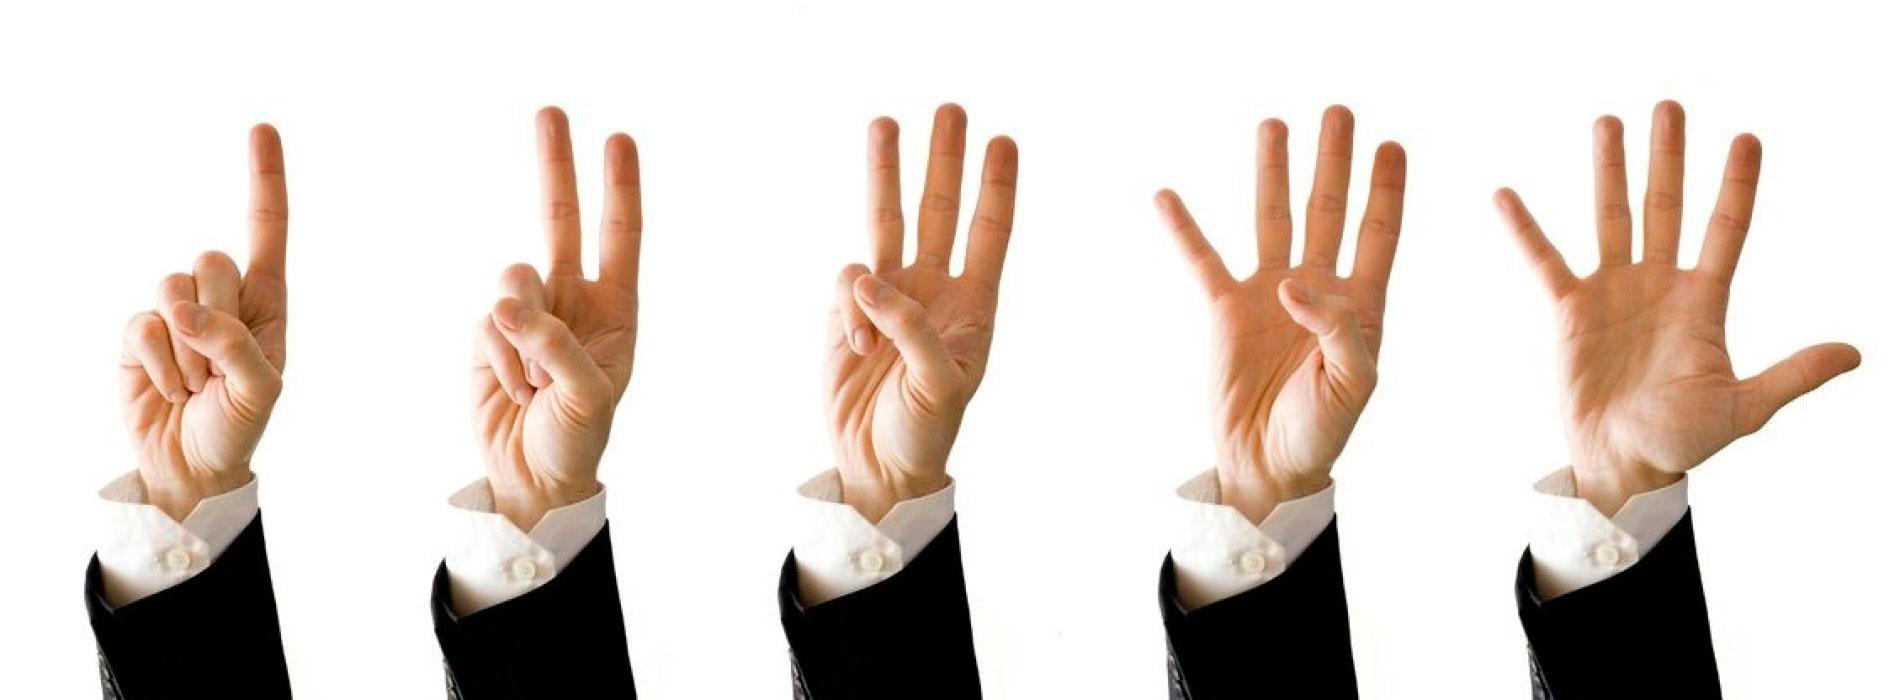 Как подводить итоги дня по методу пяти пальцев для женщин